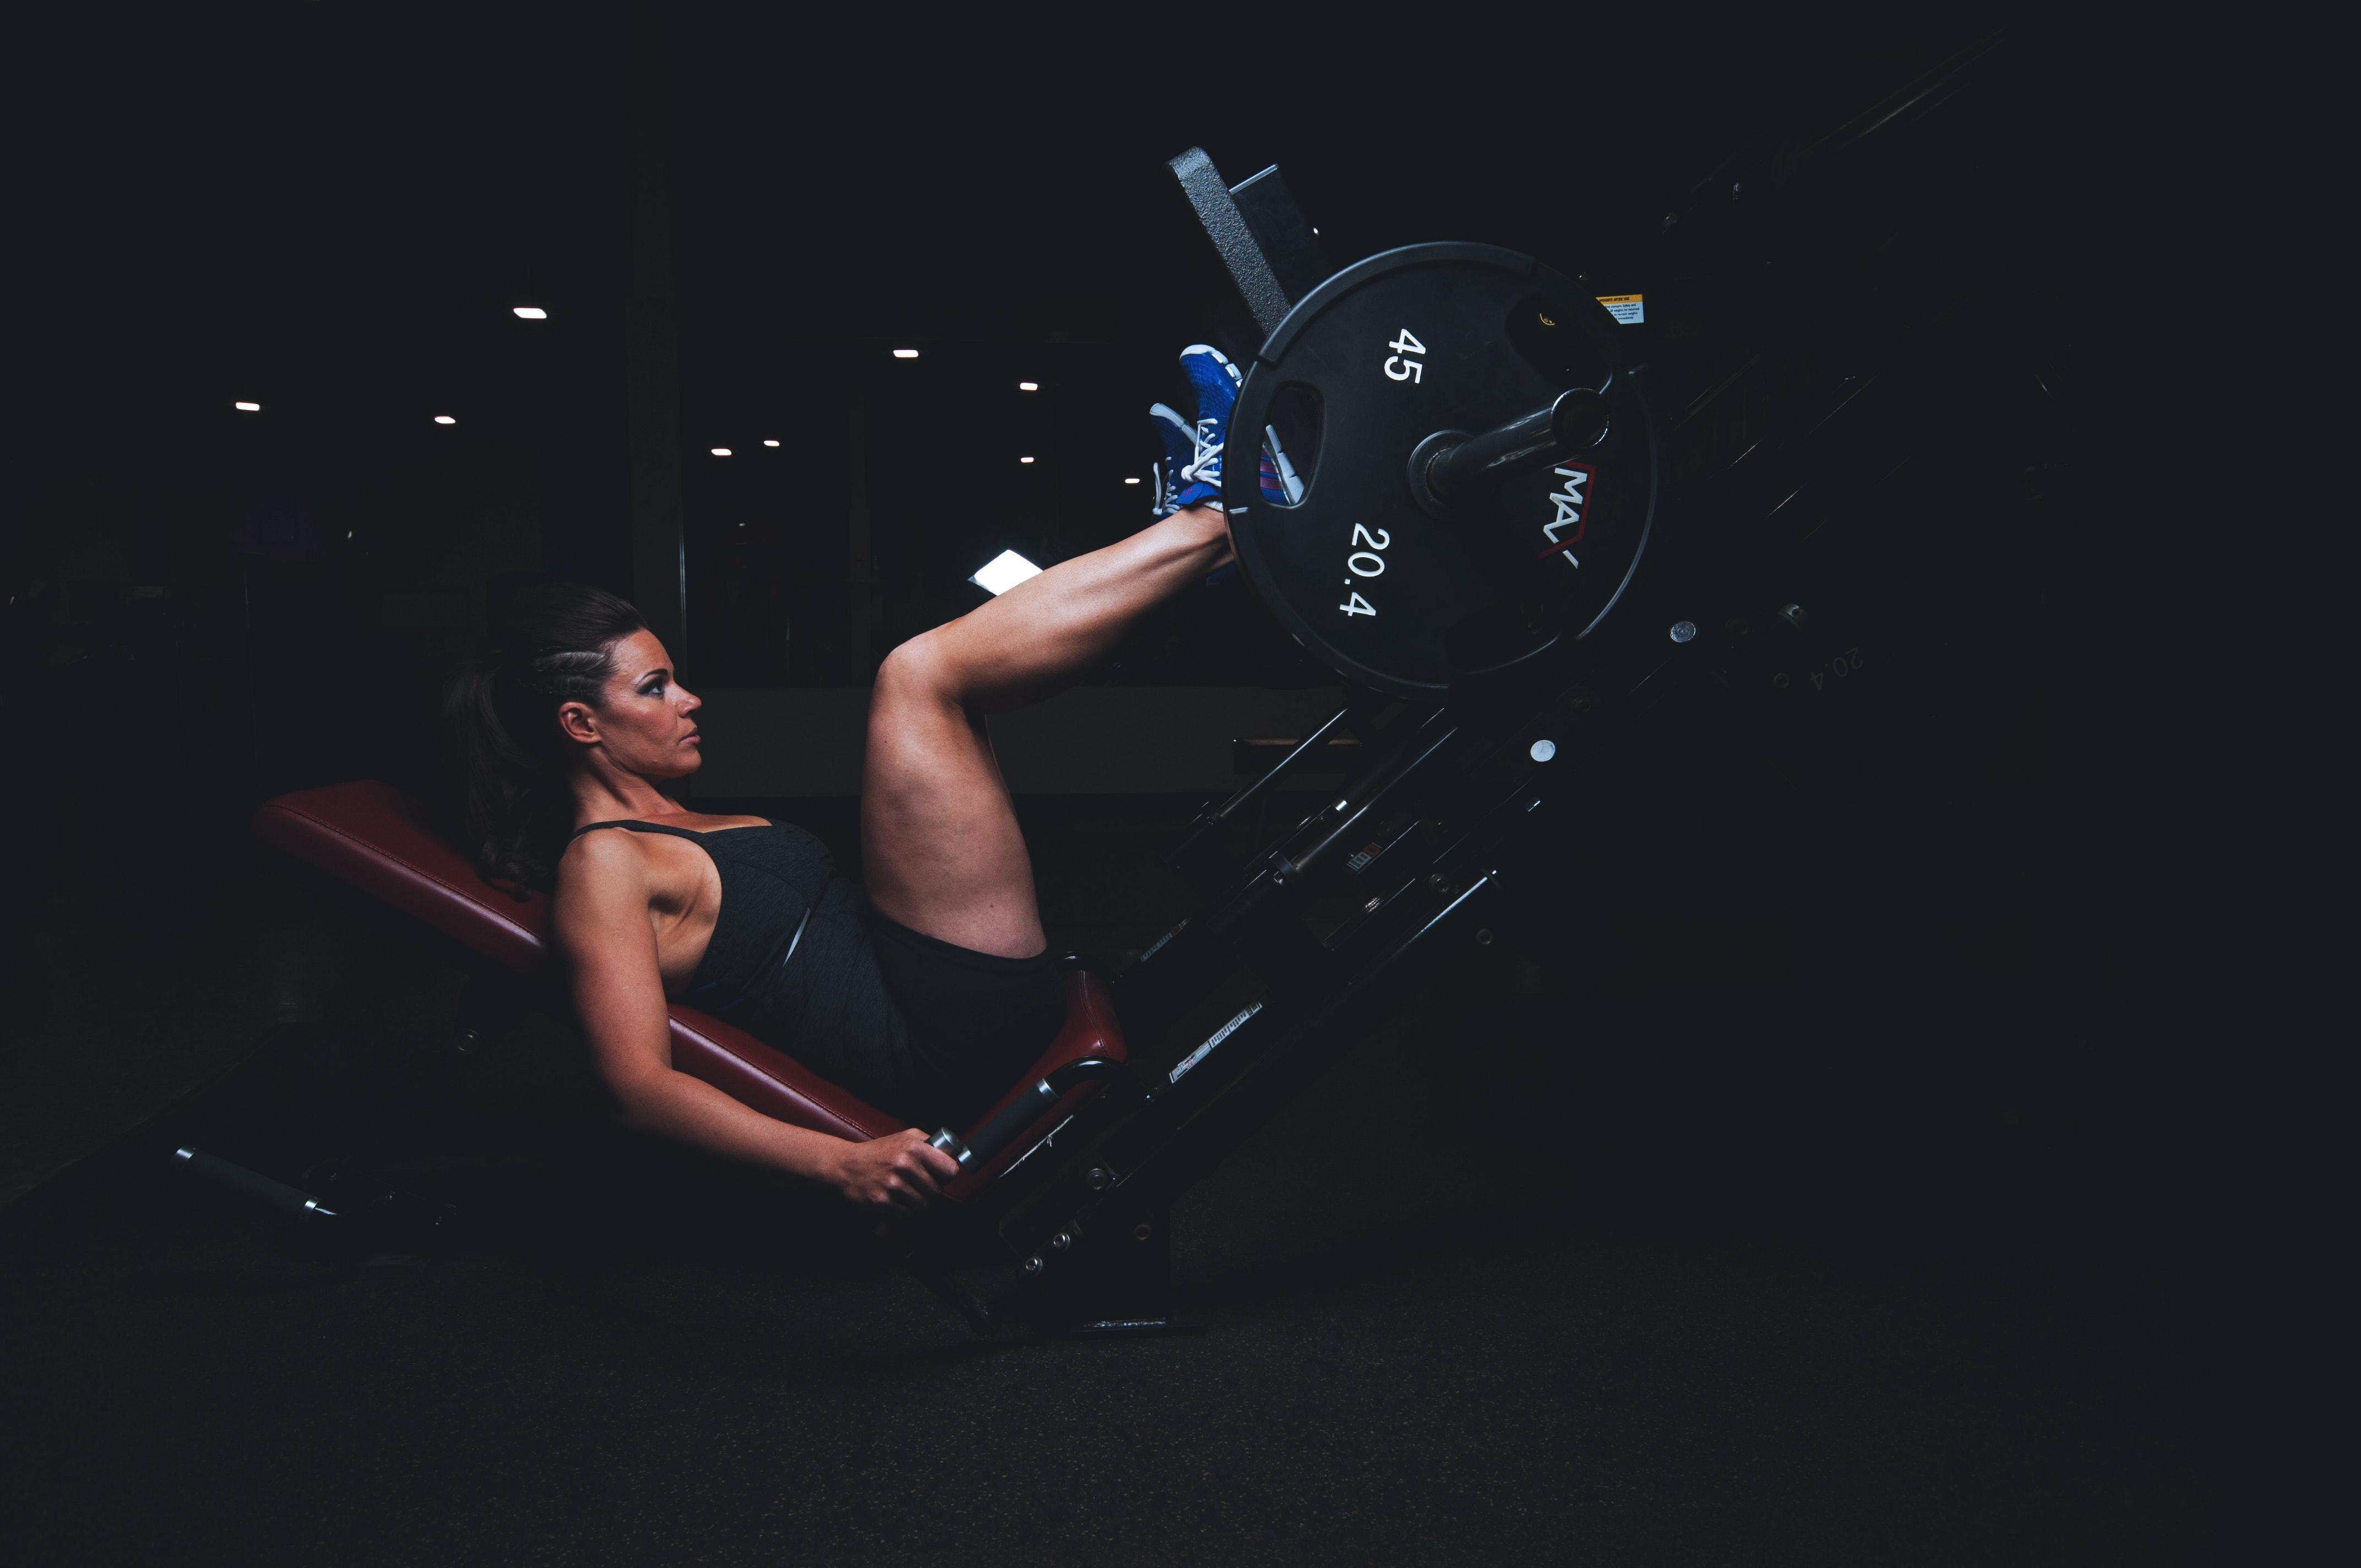 高強度トレーニング